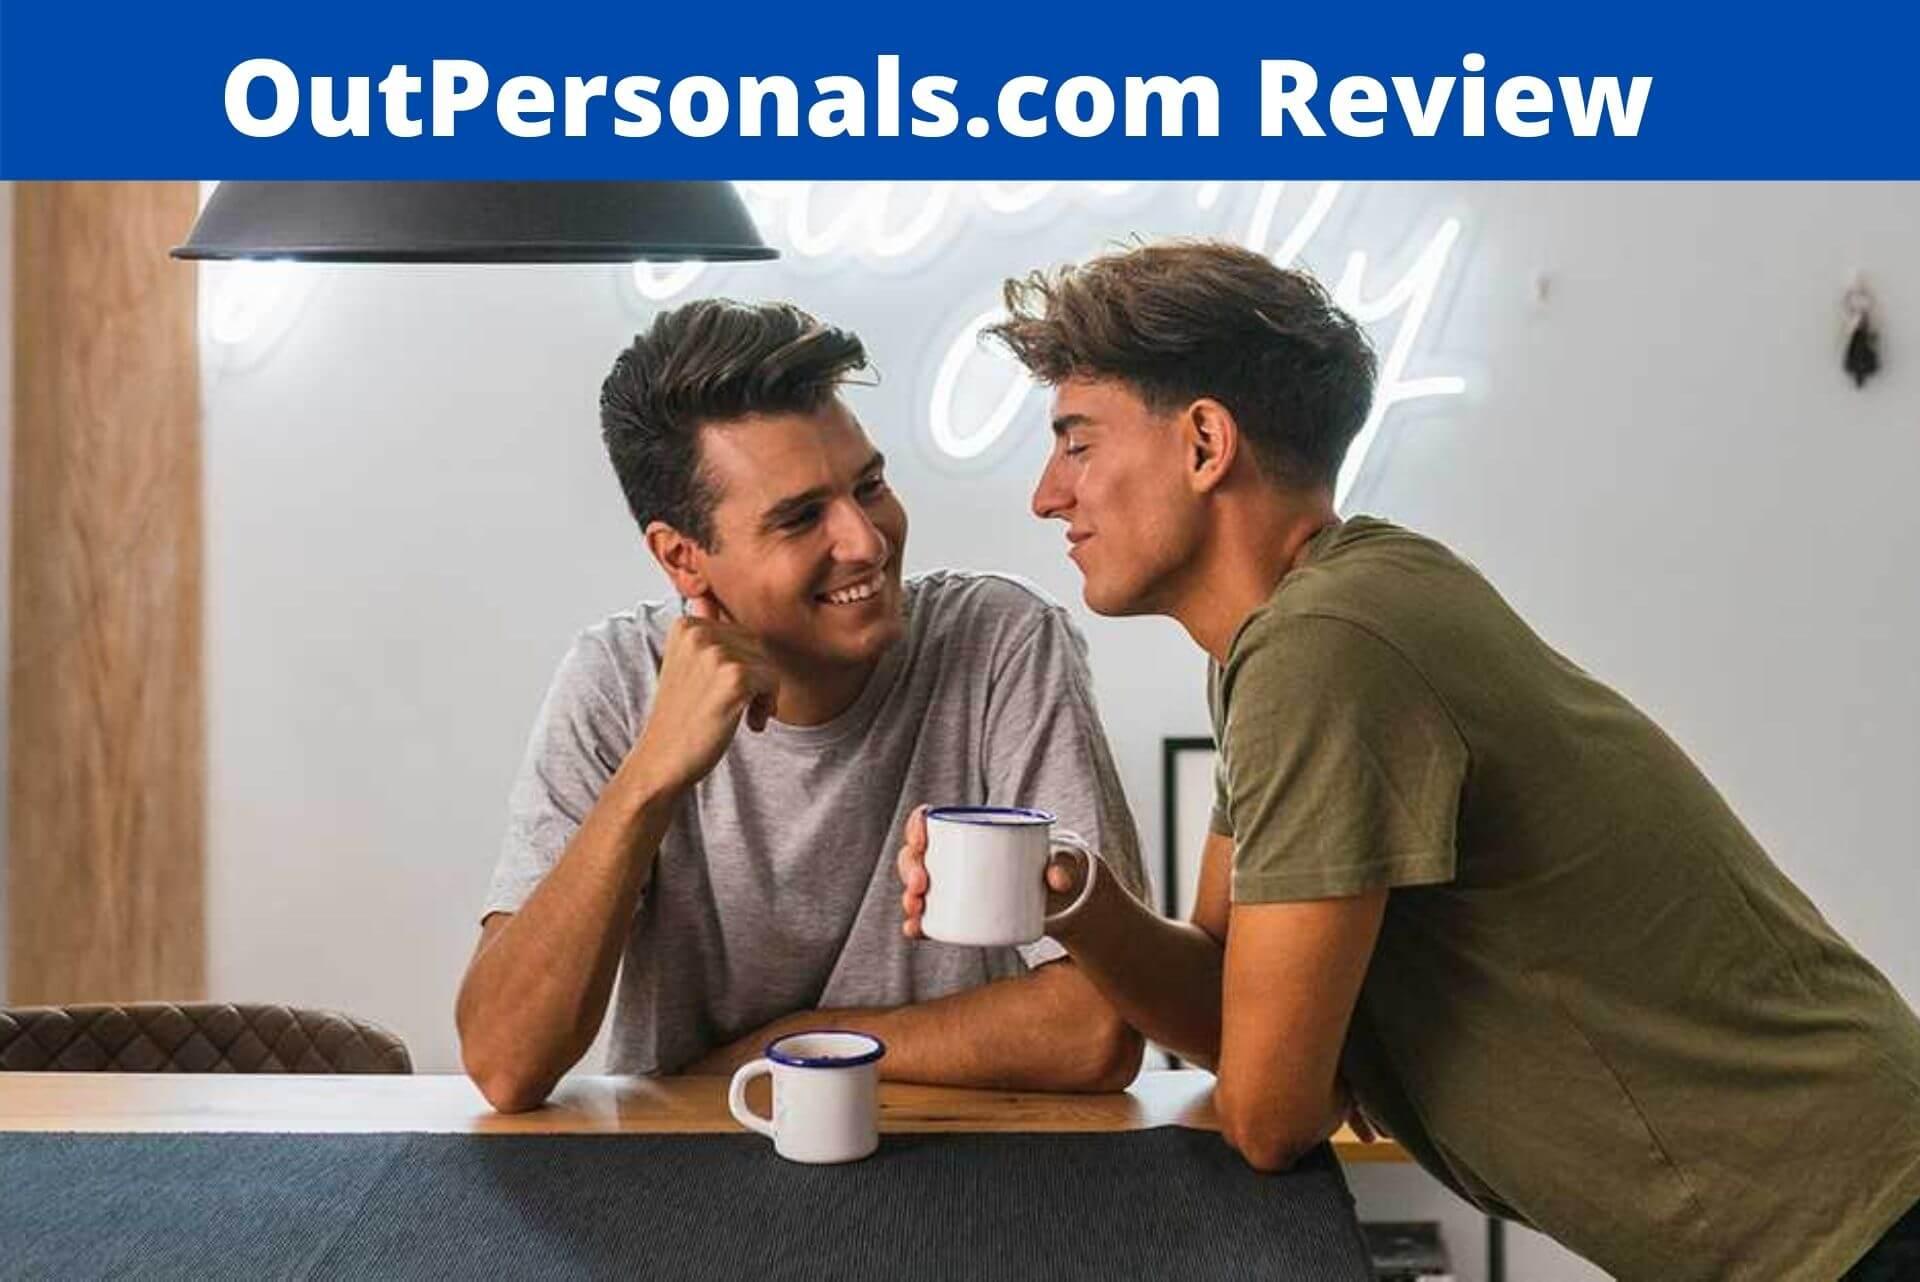 OutPersonals.com Review